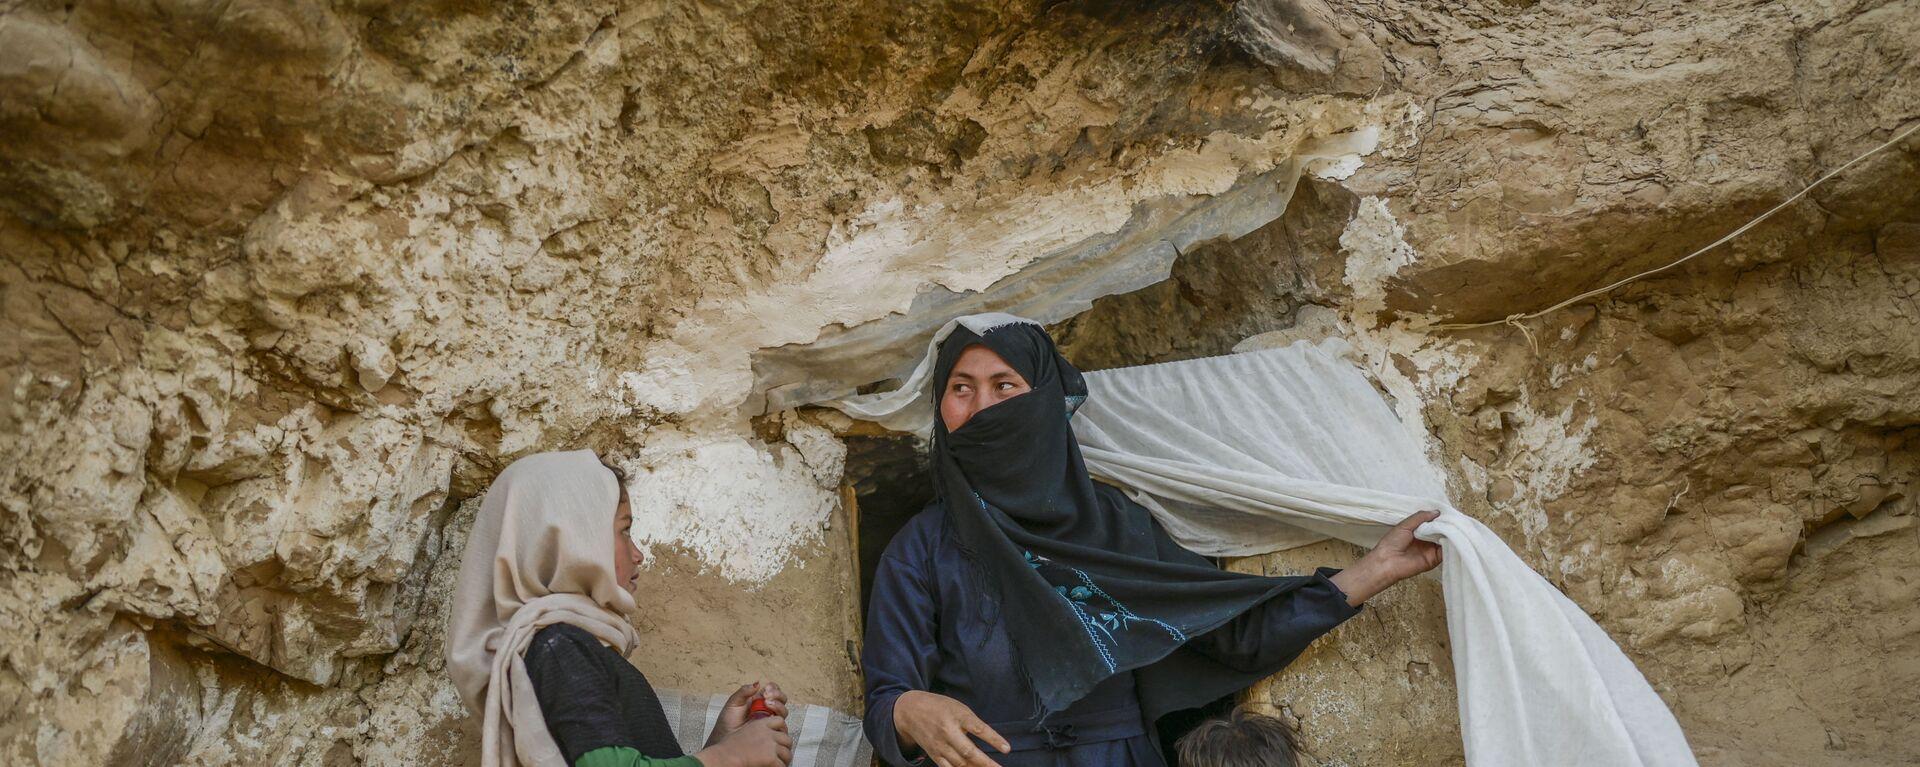 Хазарейцы у своего пещерного дома в афганском Бамиане  - Sputnik Тоҷикистон, 1920, 05.10.2021